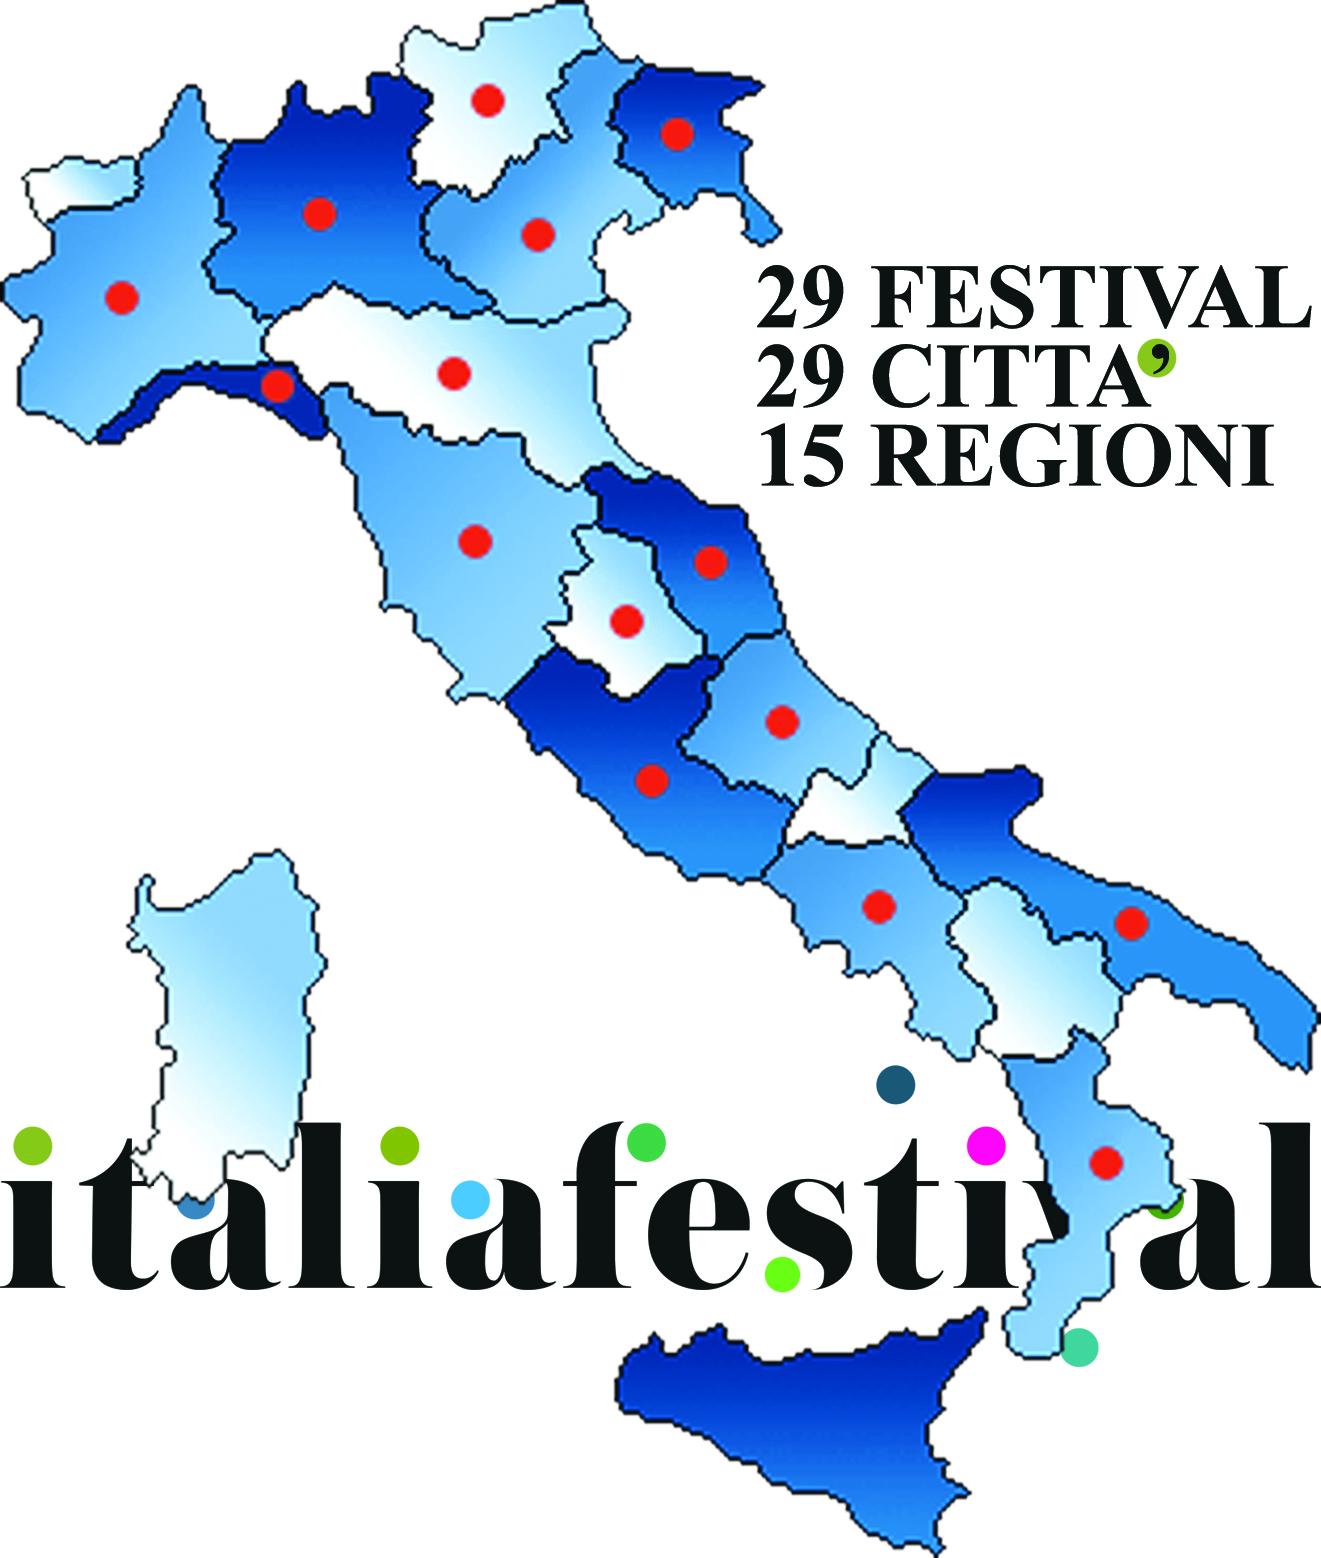 Distribuzione dei festival in Italia